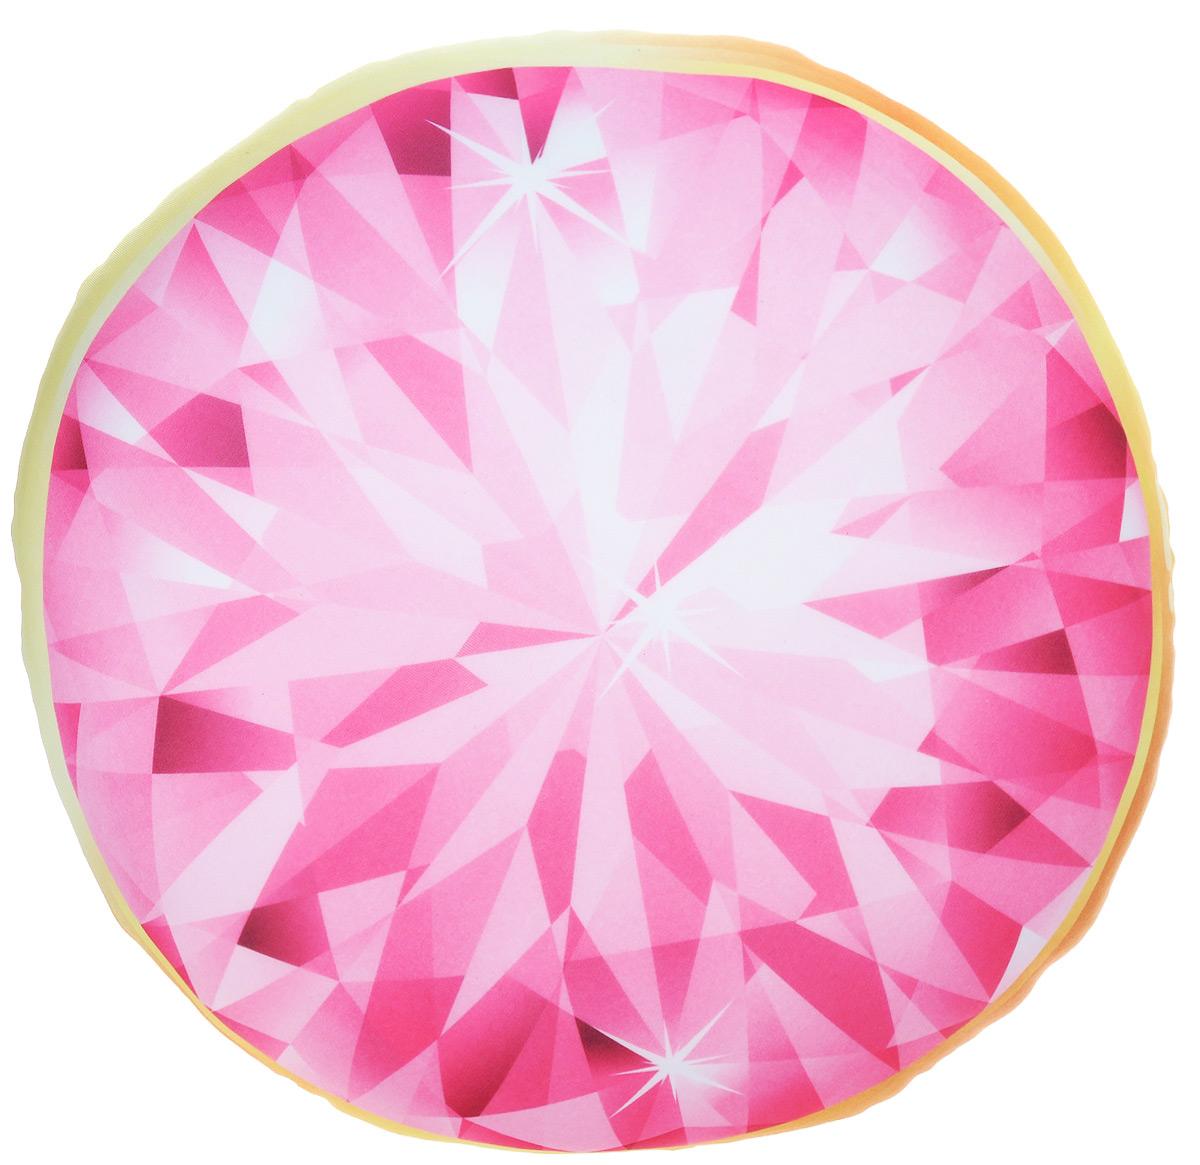 Подушка-антистресс Home Queen Диамант, круглая, цвет: розовый, желтый, 30 х 30 см66622_розовый/жёлтыйКруглая подушка-антистресс Home Queen Диамант - это не только лучший способ снять напряжение, но и оригинальный аксессуар для интерьера. Изделие пластичное и приятное на ощупь. Чехол из трикотажной ткани (15% полиуретан, 85% нейлон) оформлен ярким изображением алмаза. Внутри - антистрессовый полистироловый наполнитель. Подушка-антистресс - идеальный рецепт хорошего настроения и здорового сна! Она подарит тактильную радость и станет аккумулятором хорошего настроения.